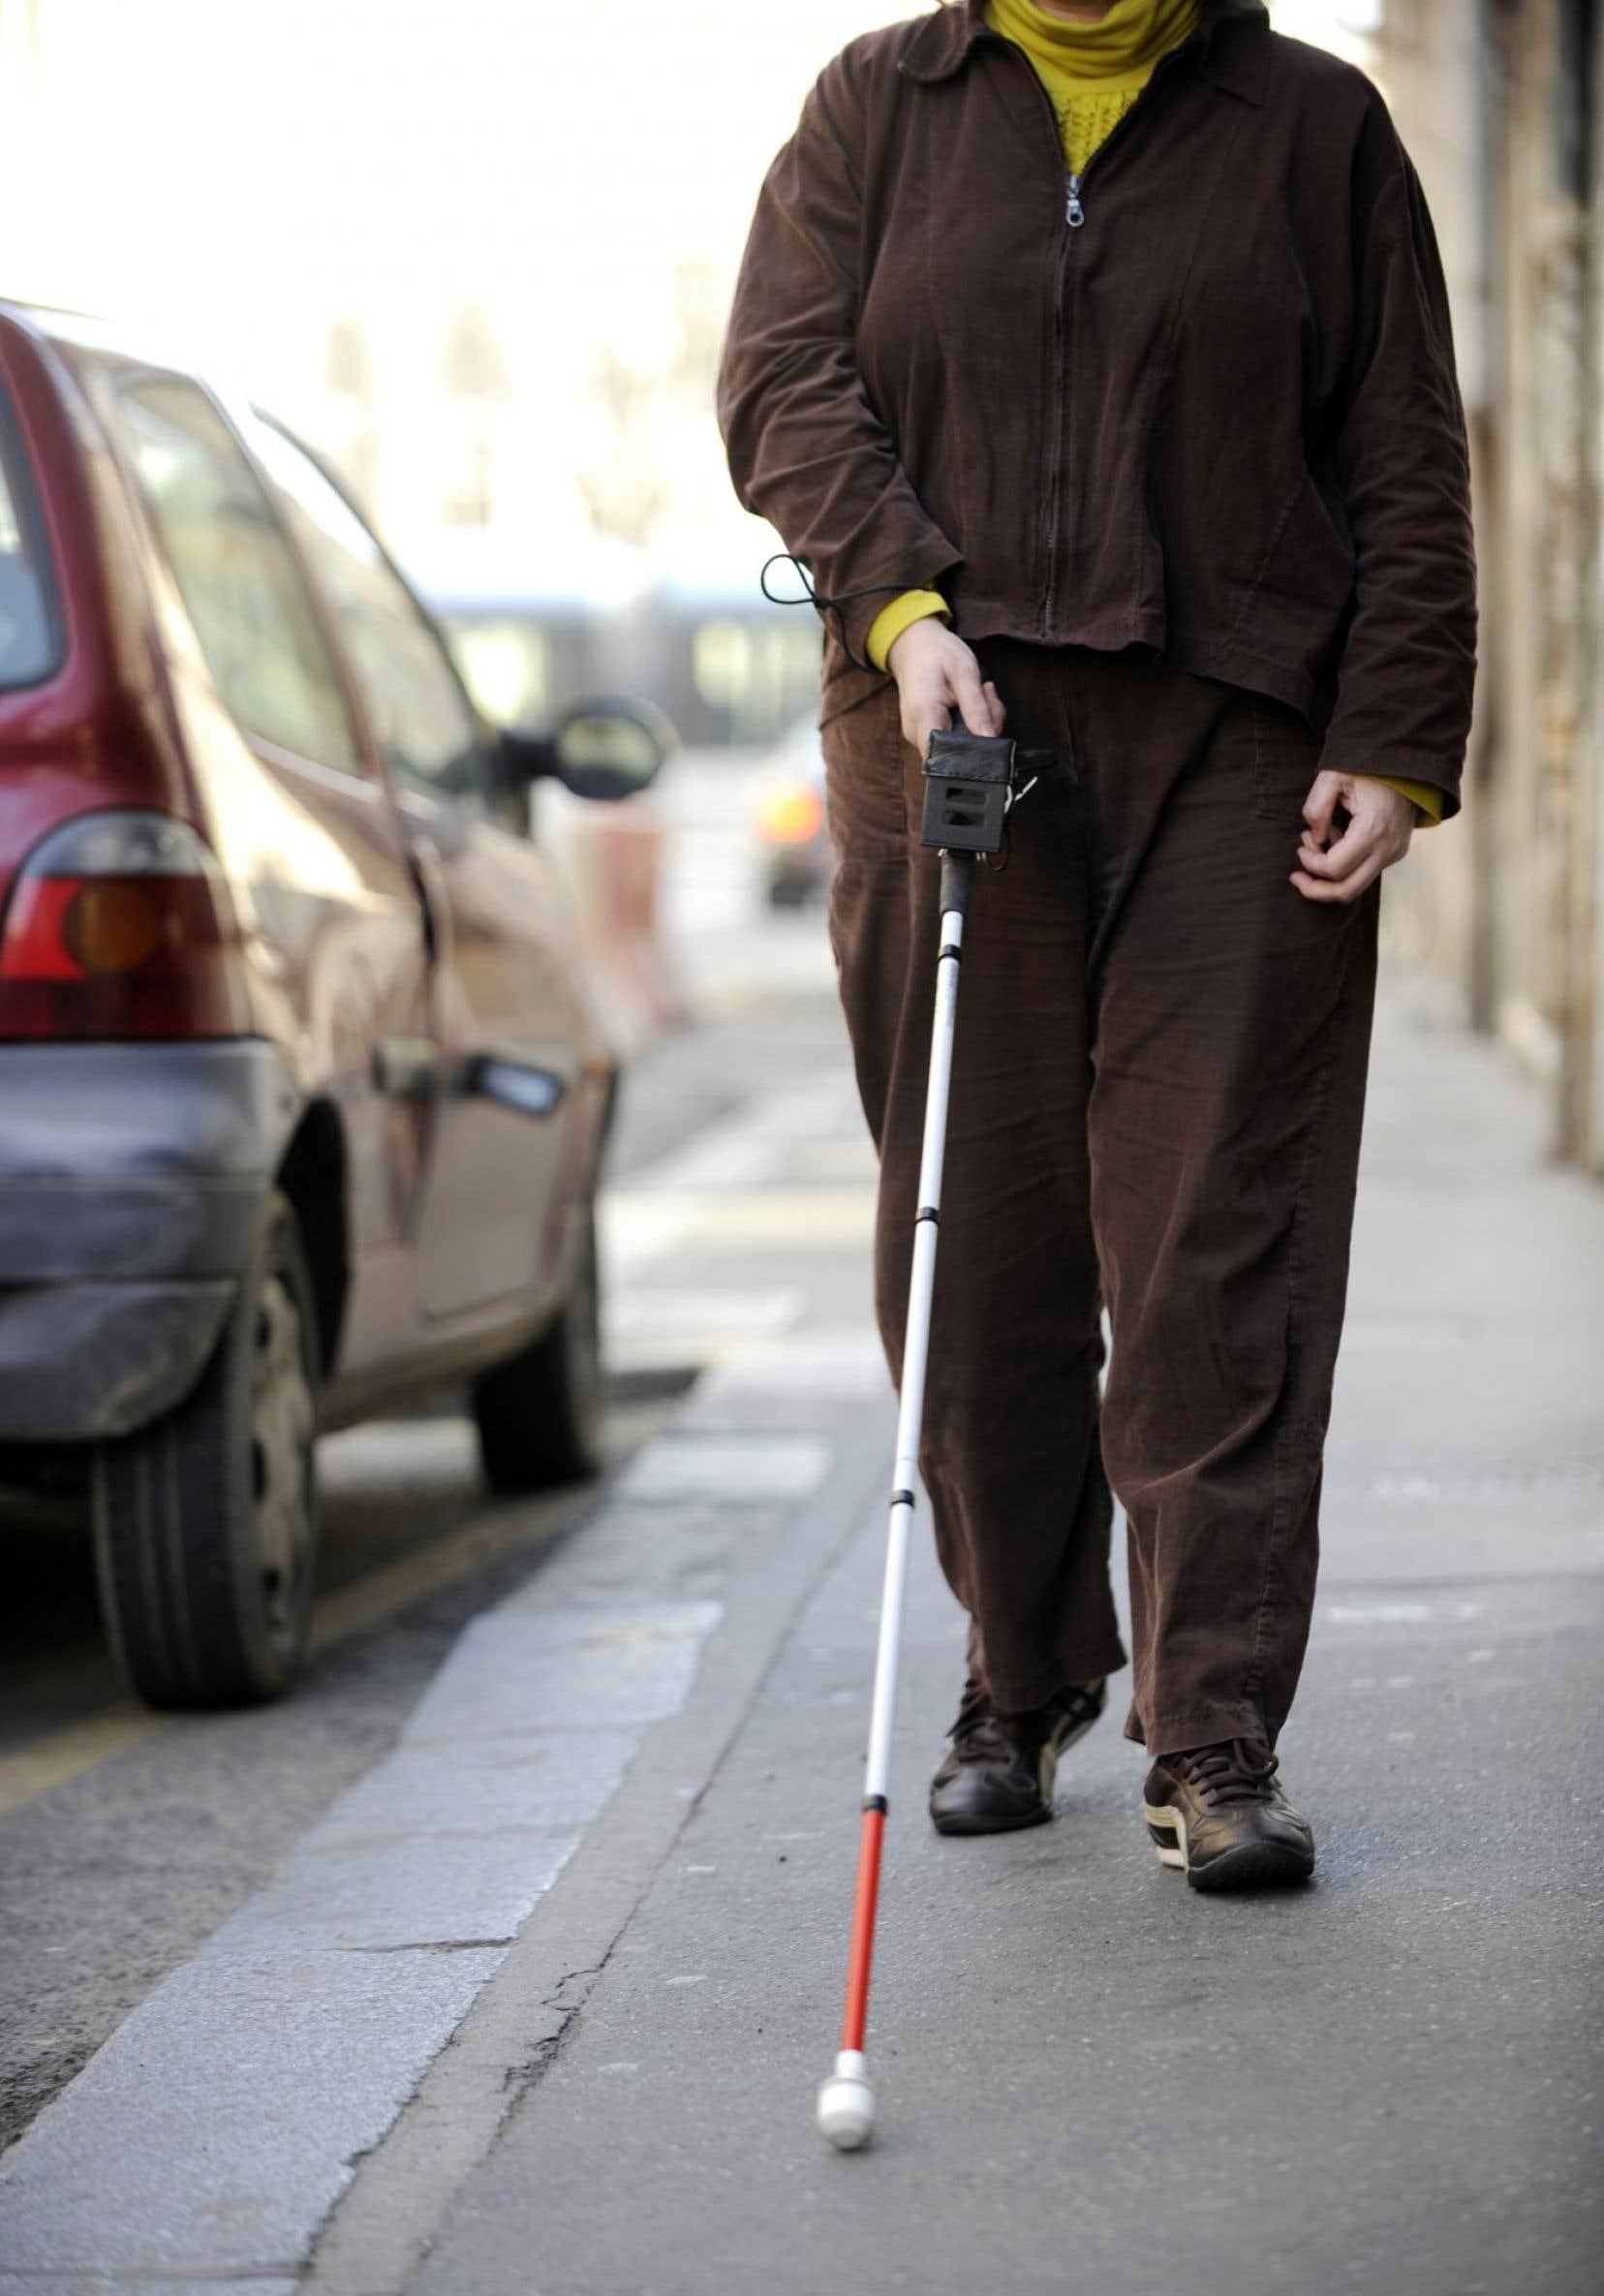 Chez les personnes aveugles, le cortex visuel du cerveau répond à des stimulations auditives ou tactiles, alors qu'il est normalement dédié au traitement des stimulations visuelles.